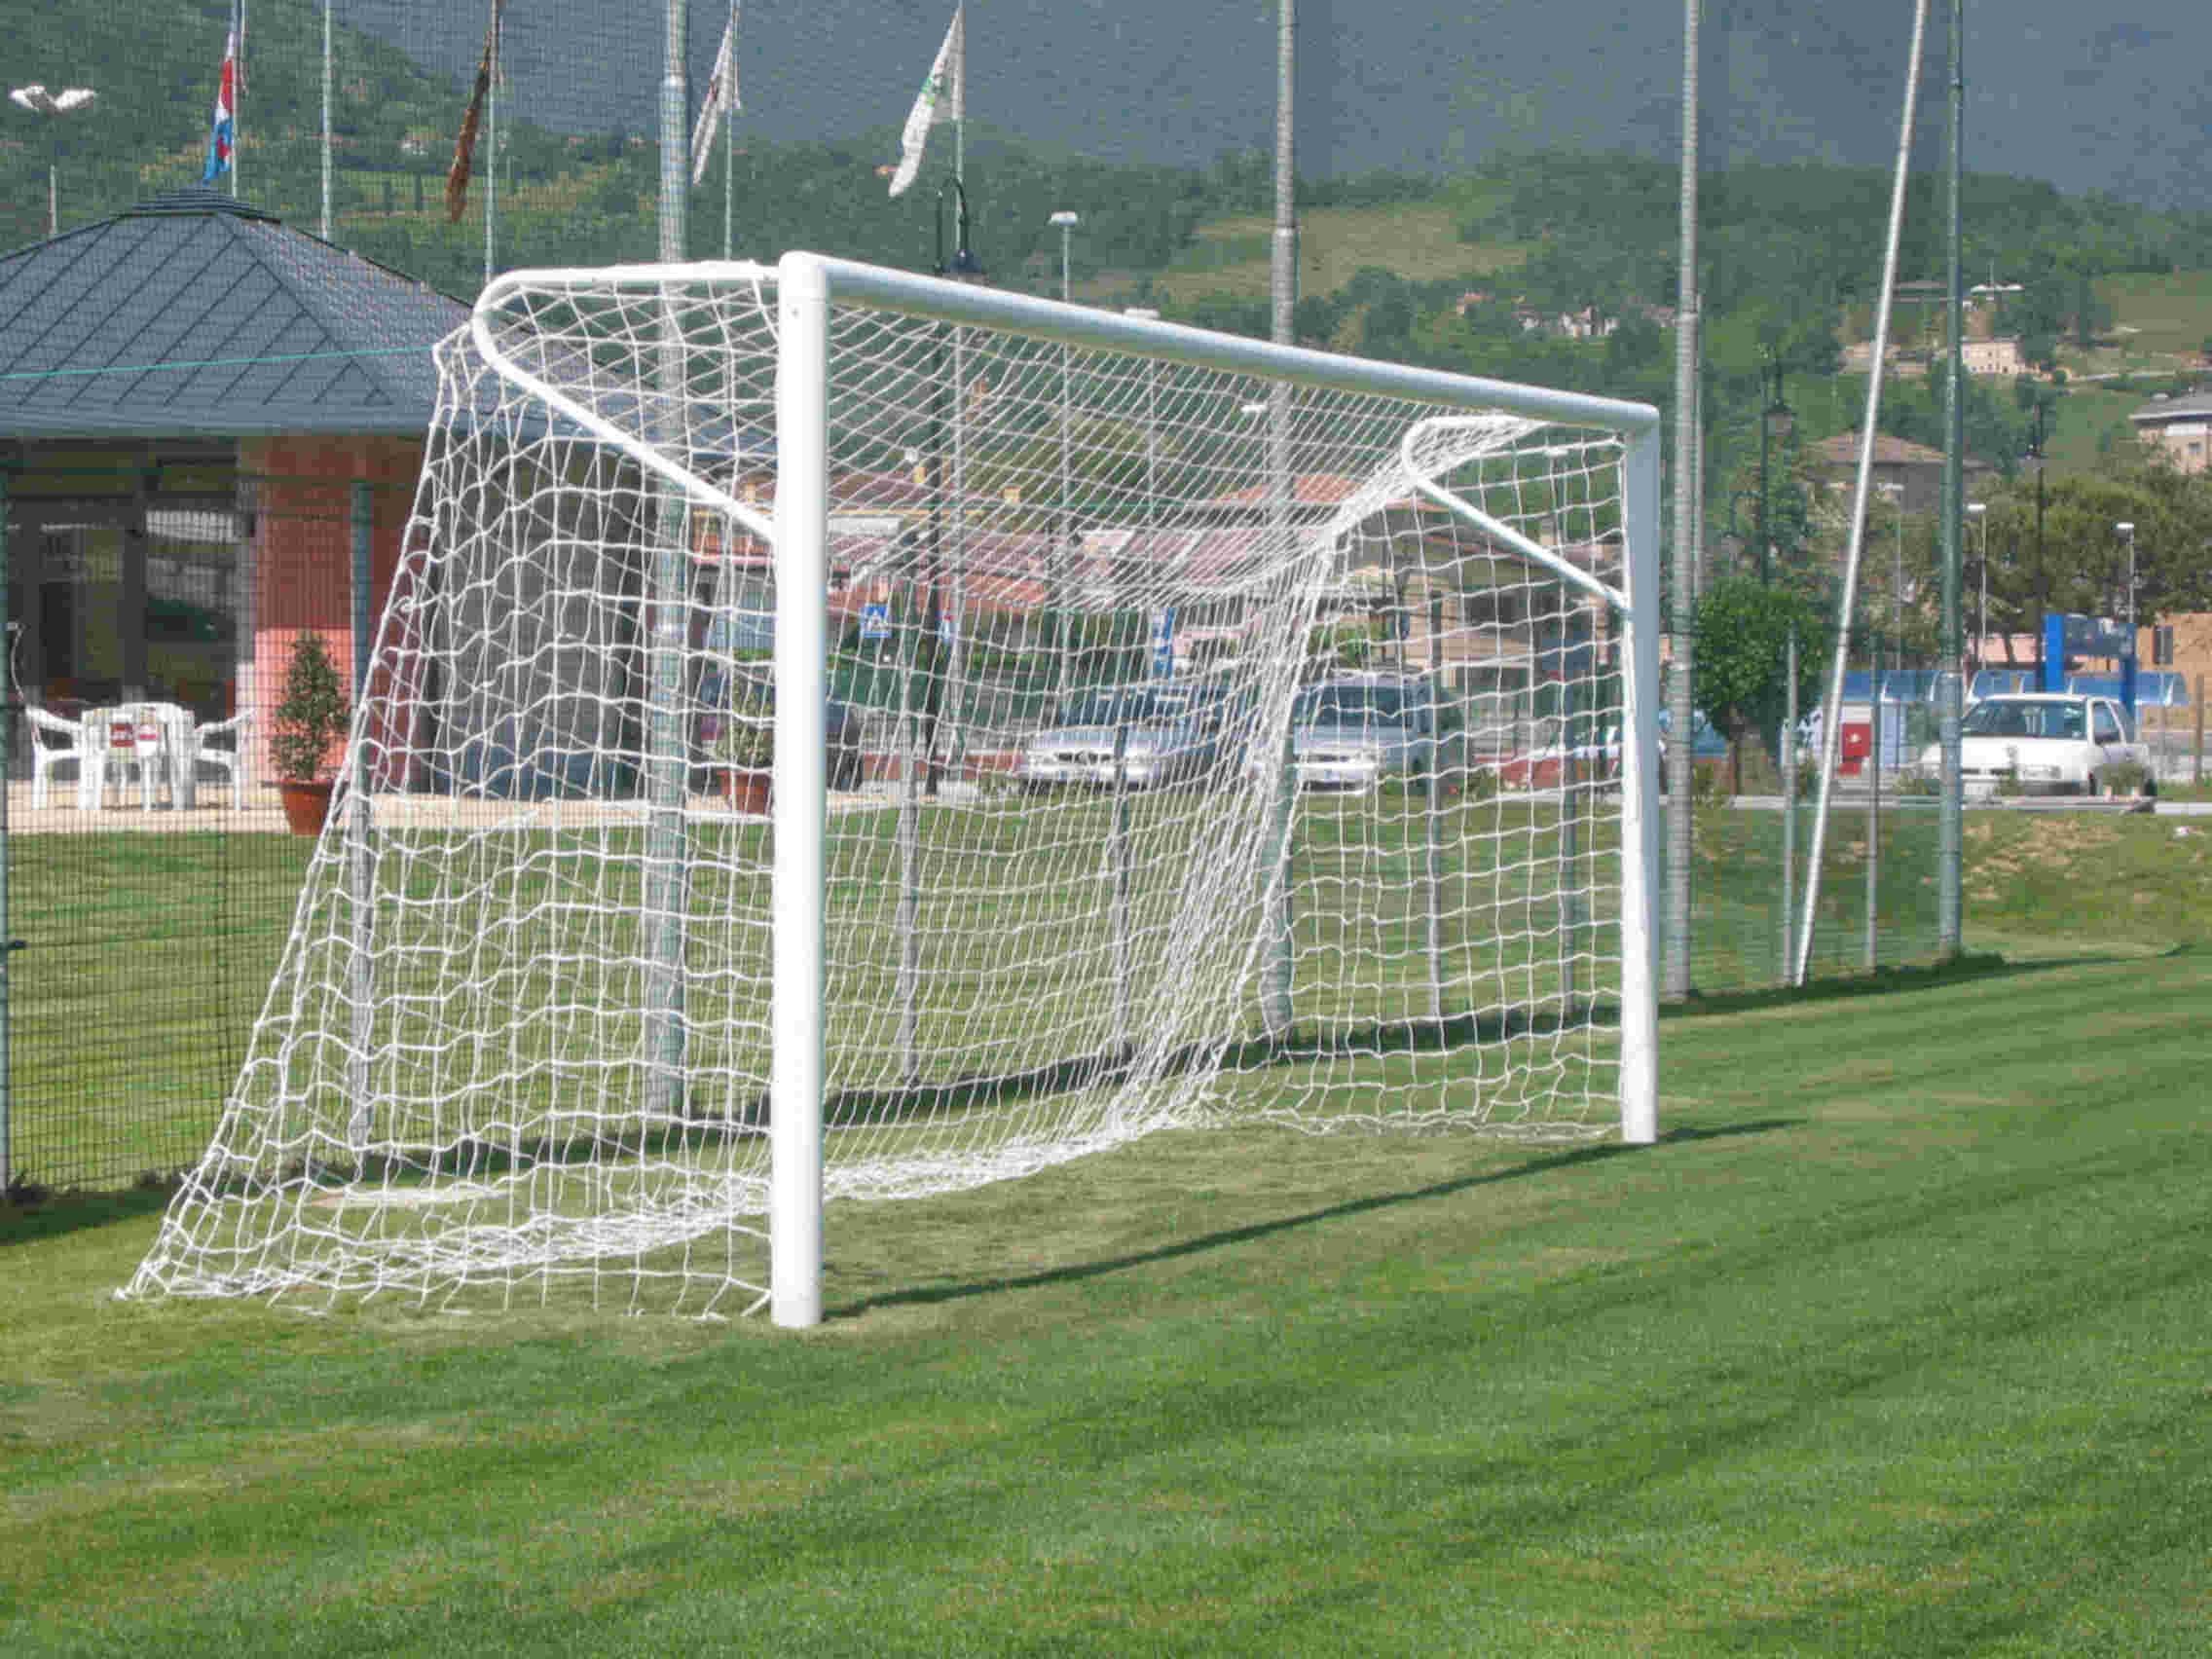 Calcioscommesse: 3 punti di penalizzazione all'Avellino,8 mesi a Izzo e Castaldo assolto